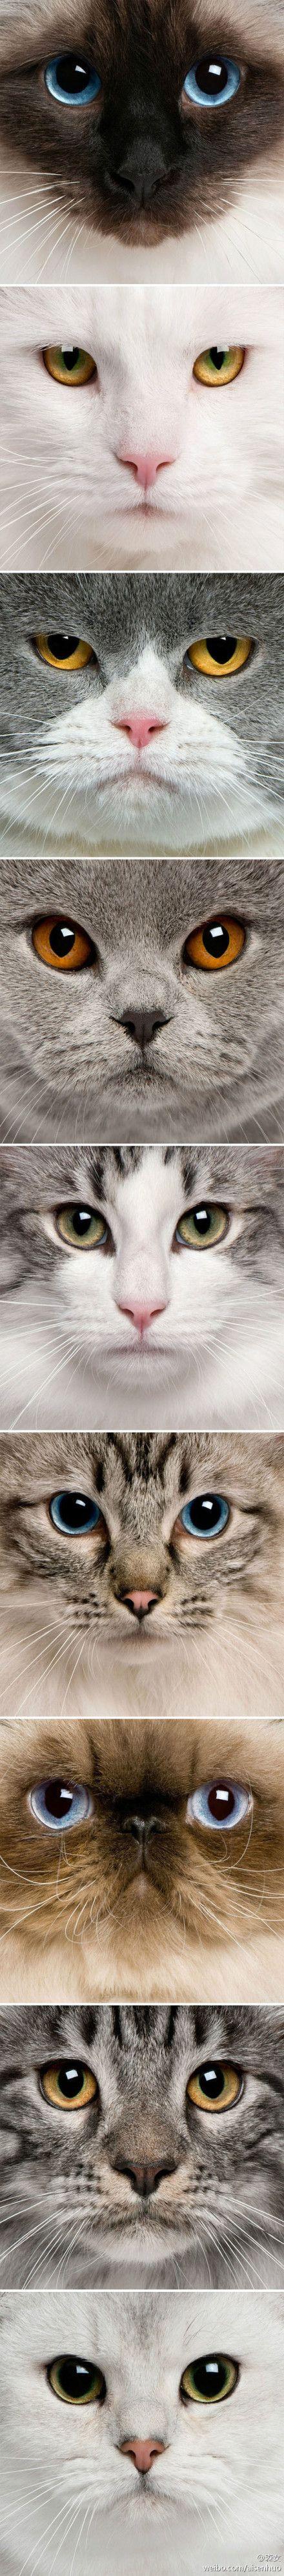 Can Cat Flu Kill Kittens